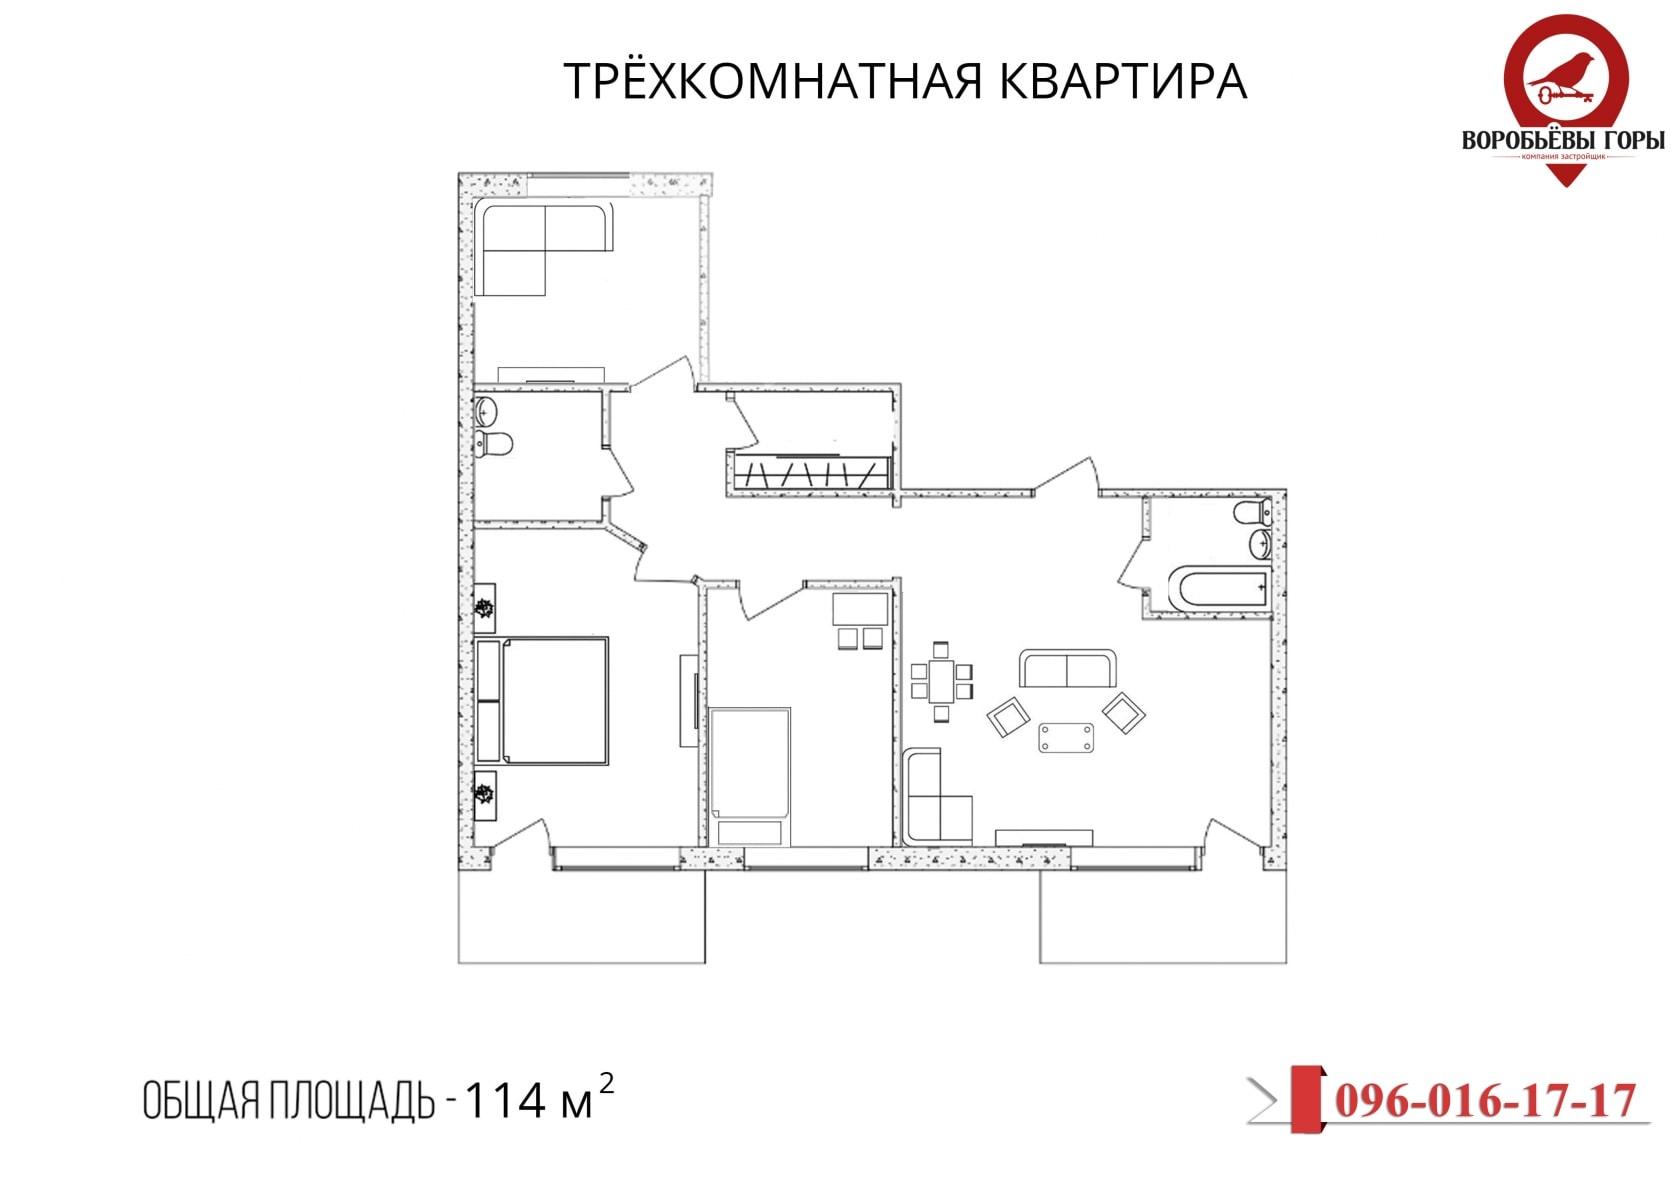 трехкомнатная квартира 114м2 Воробьевы горы